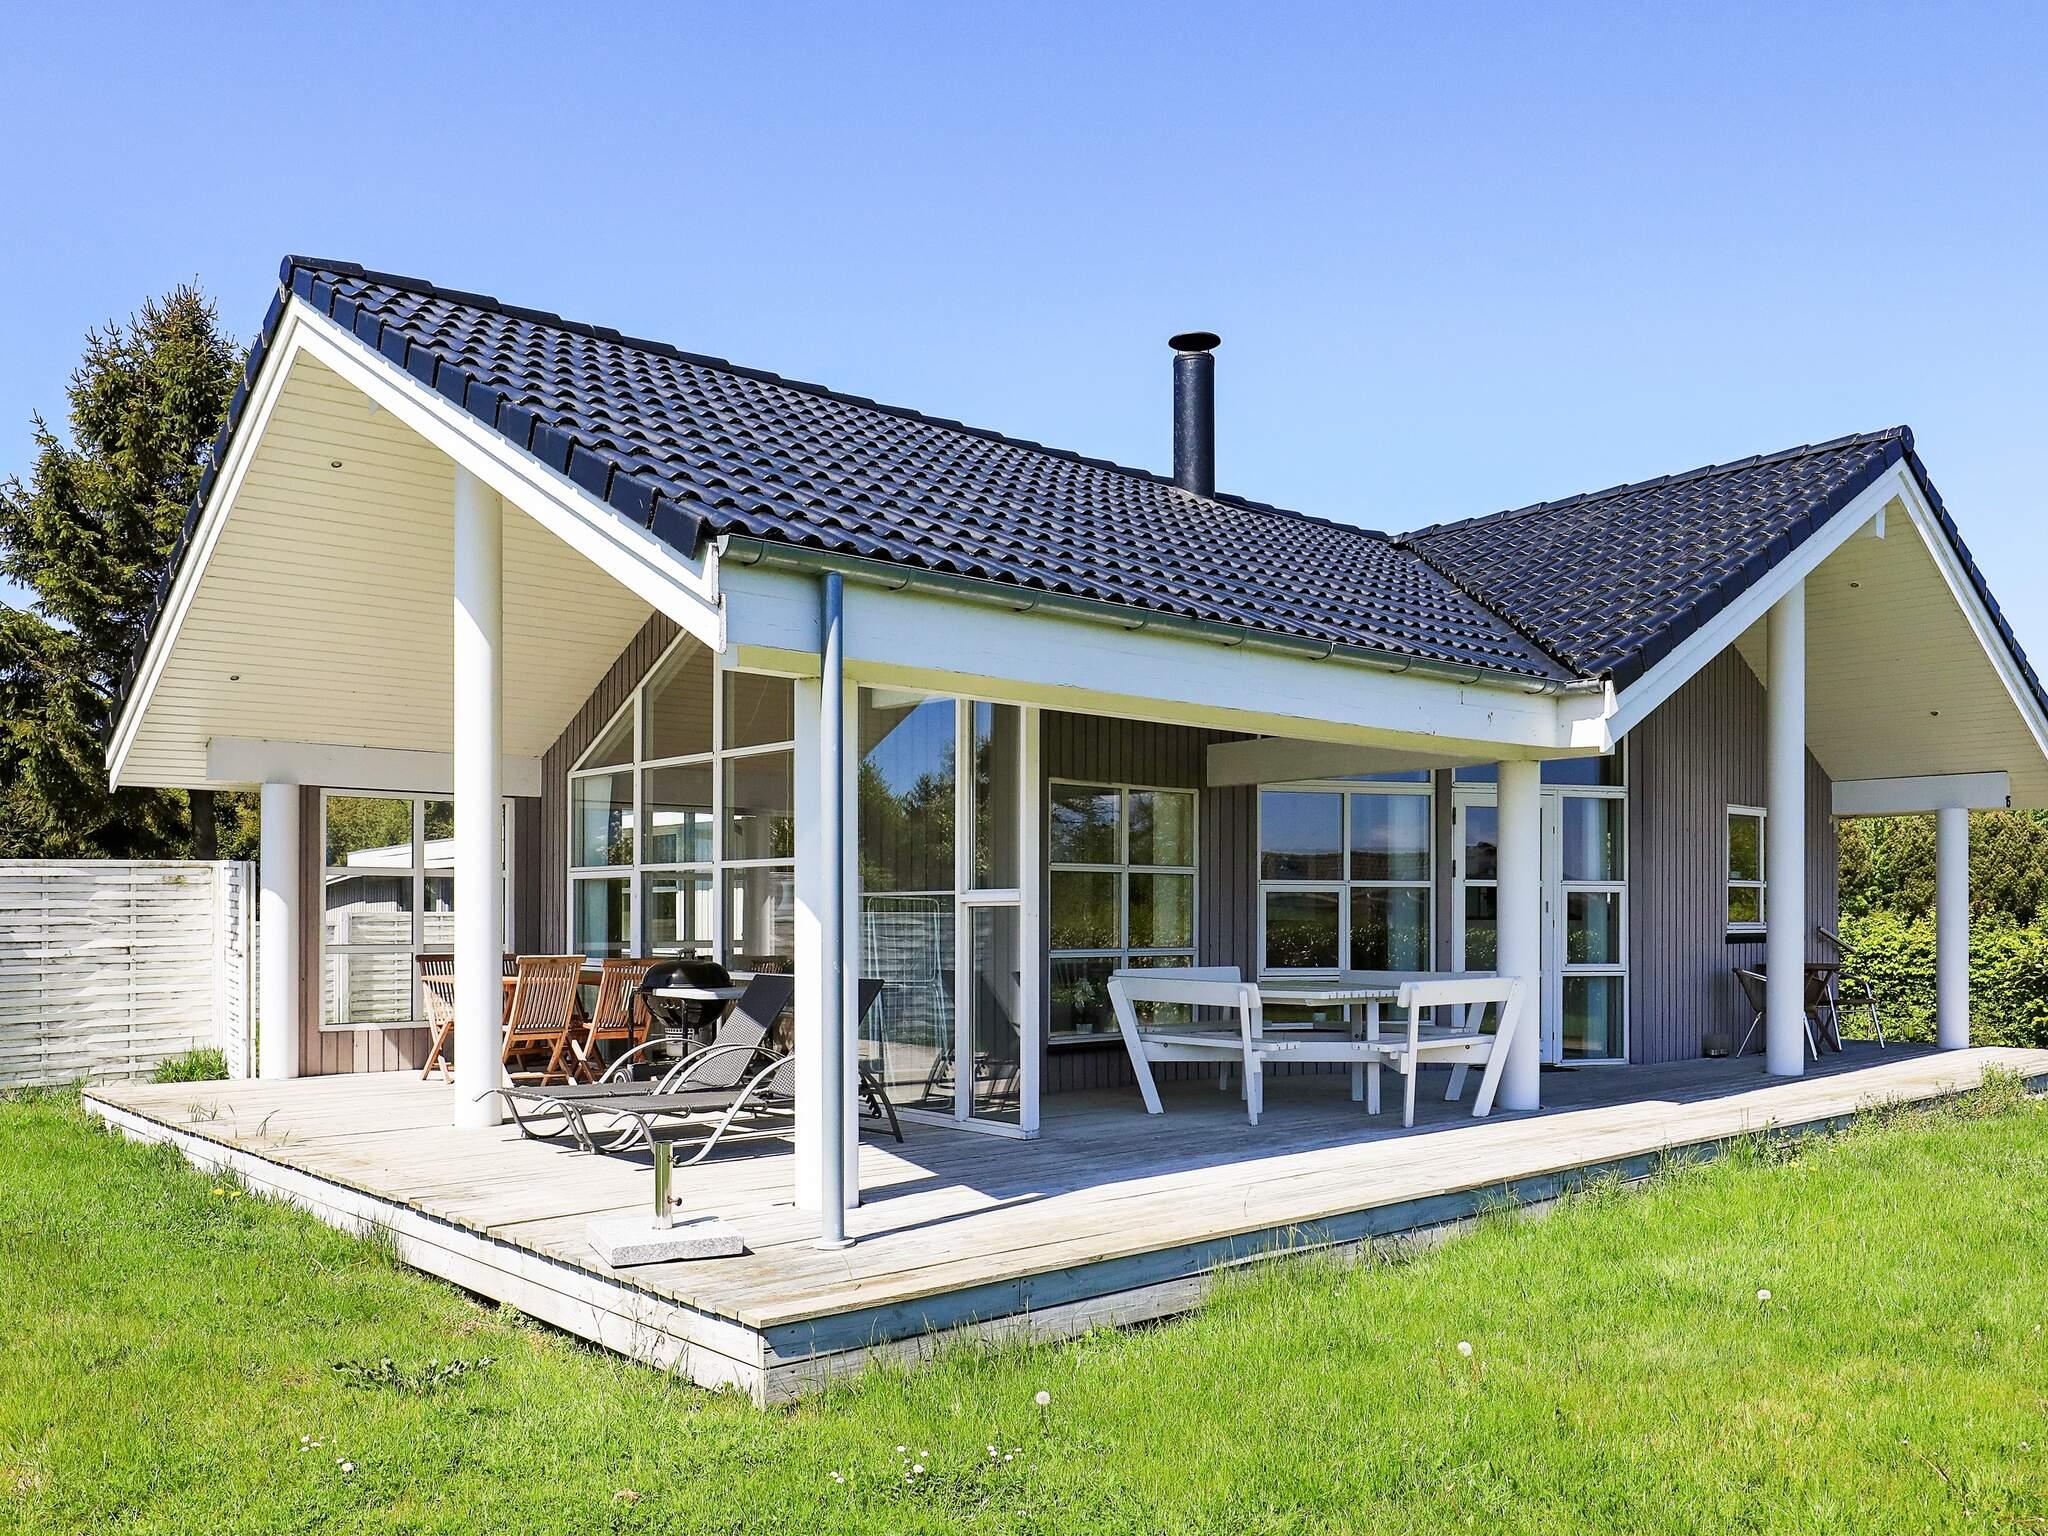 Ferienhaus Sortsø Strand (2608552), Sortsø, , Falster, Dänemark, Bild 1